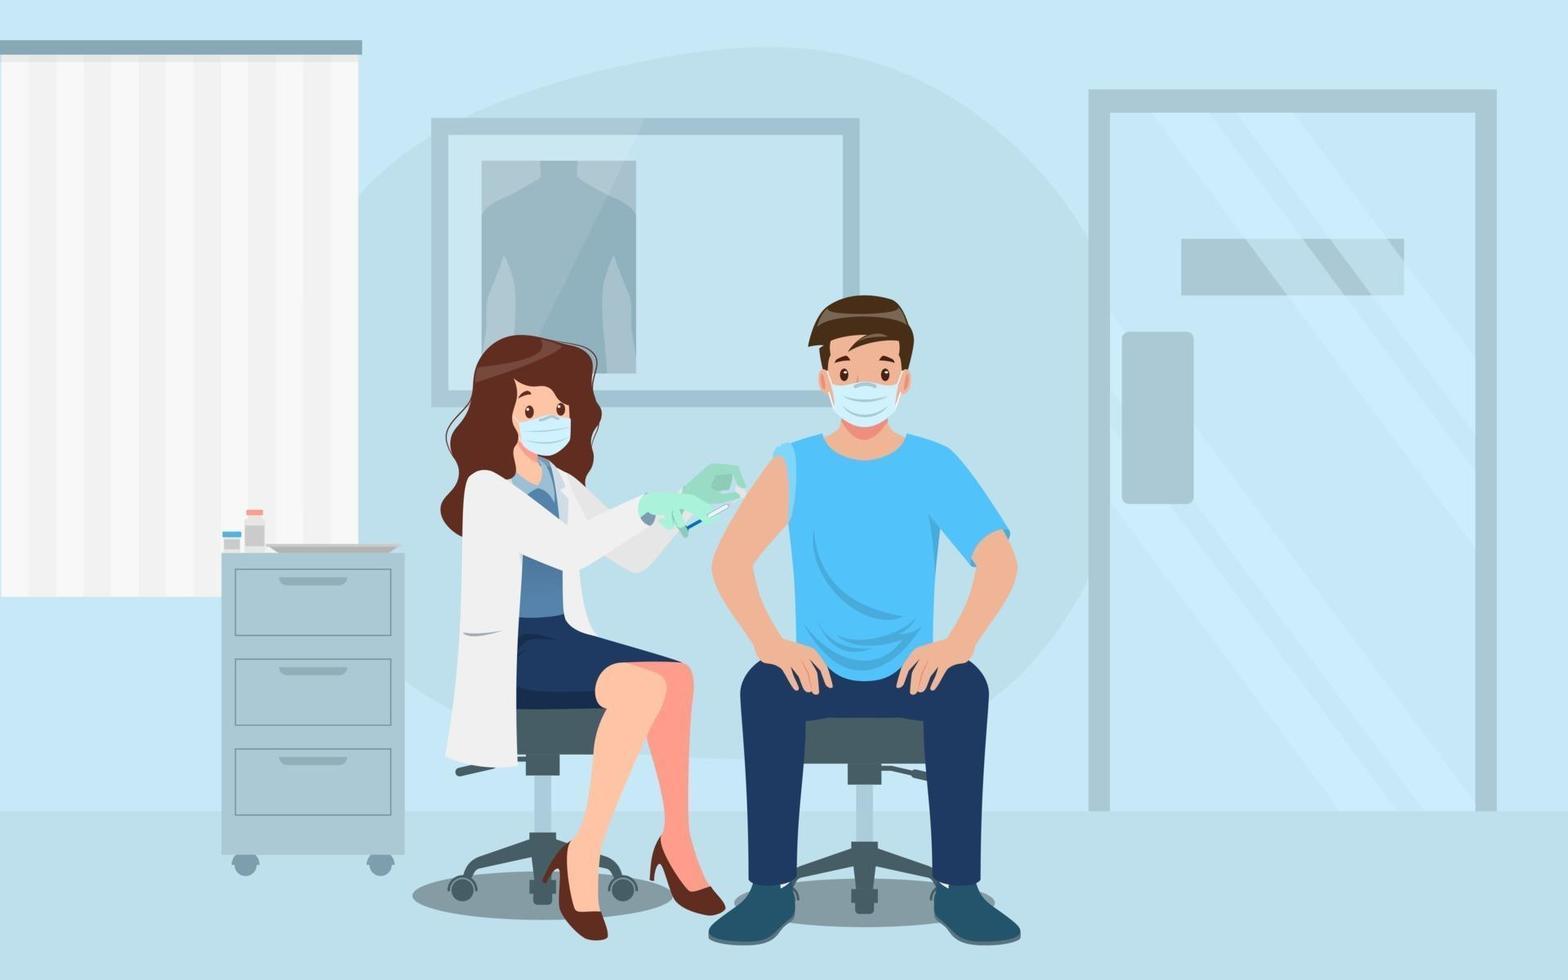 een arts in een kliniek die een man een coronavirusvaccin geeft. vaccinatieconcept voor immuniteitsgezondheid. viruspreventie tot medische behandeling, proces van immunisatie tegen covid-19 voor mensen. vector